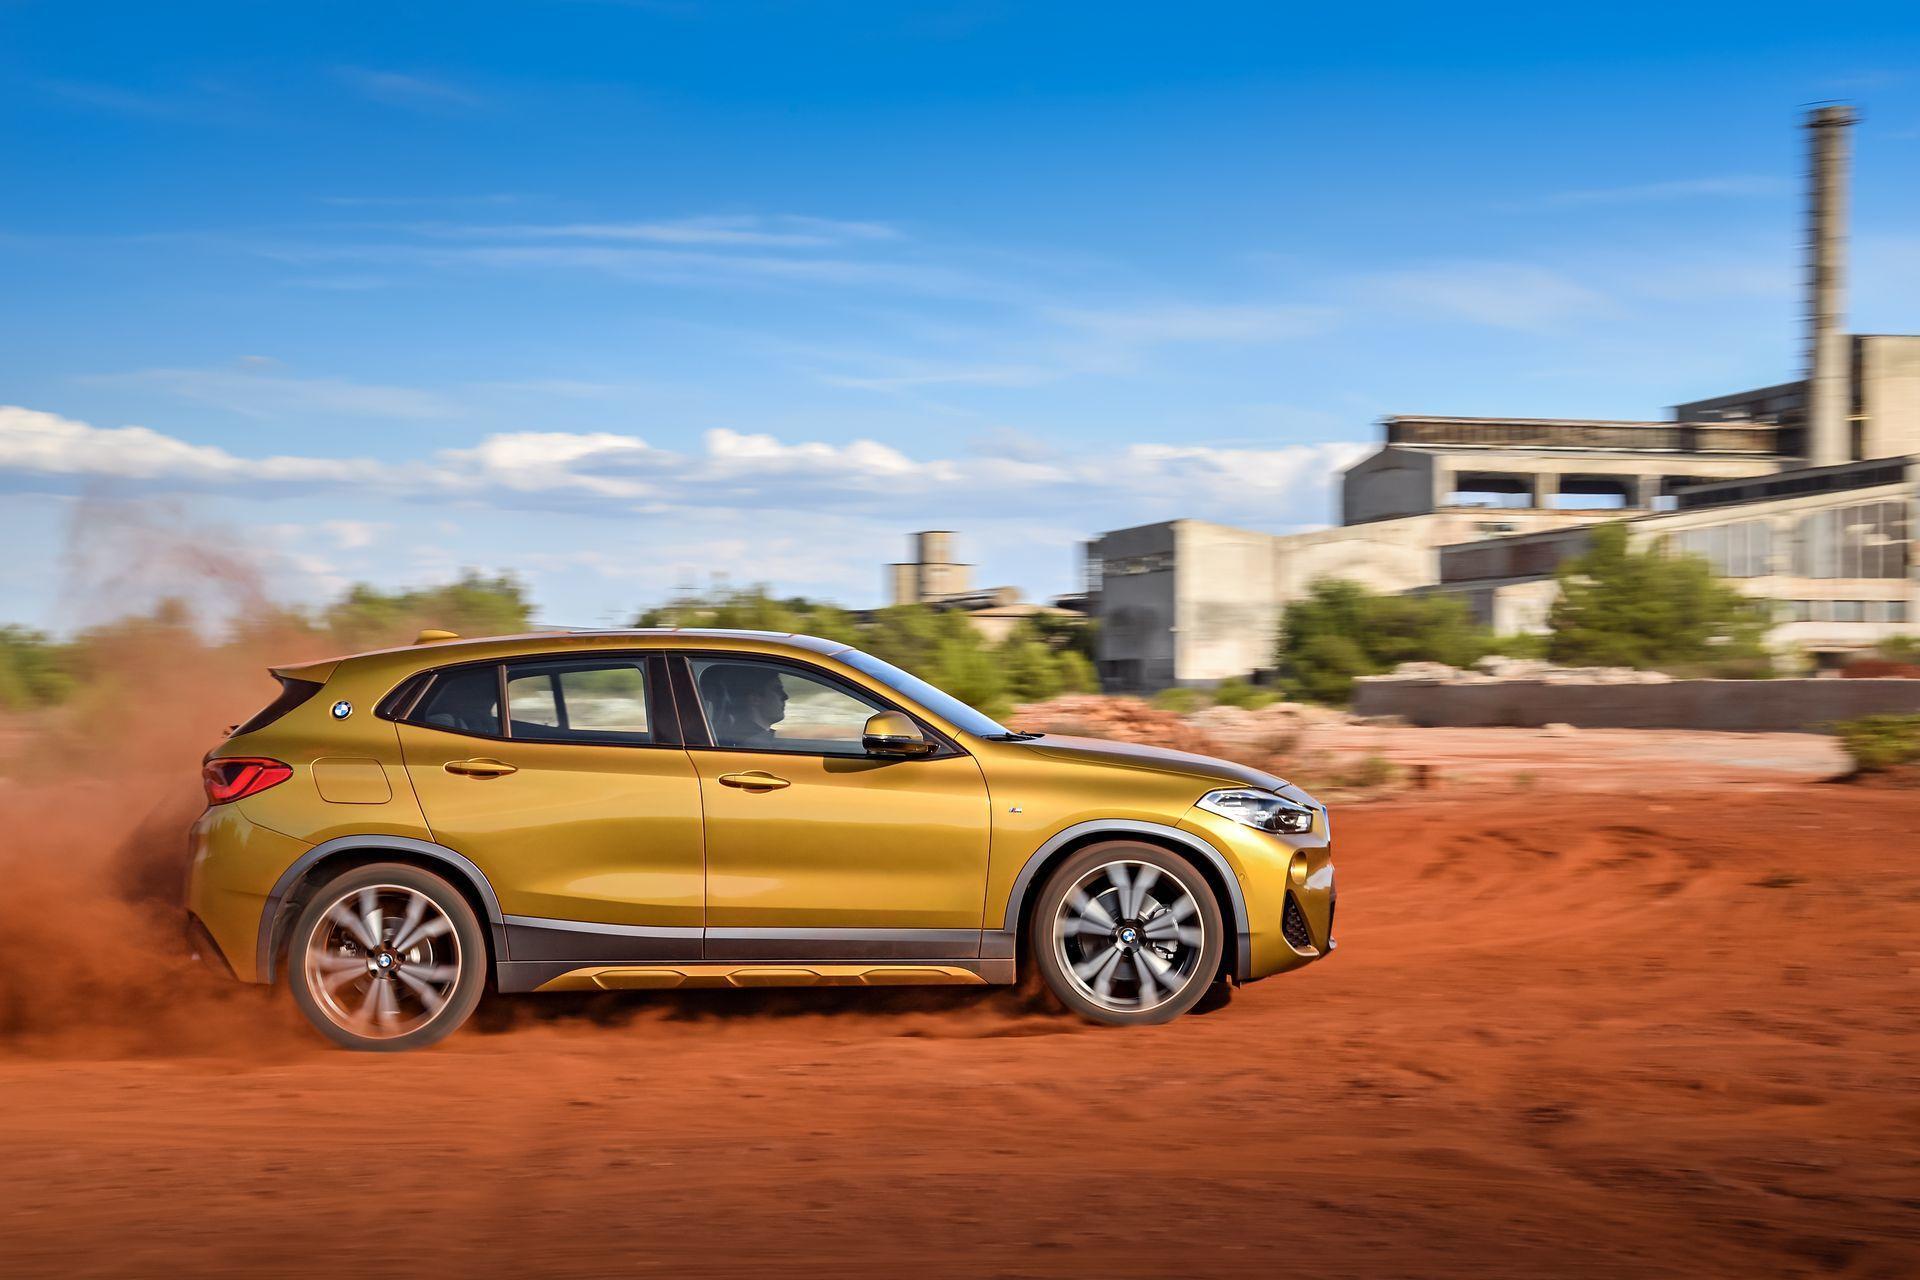 BMW ya trabaja en el X2 M235i, el b-SUV más potente de la casa